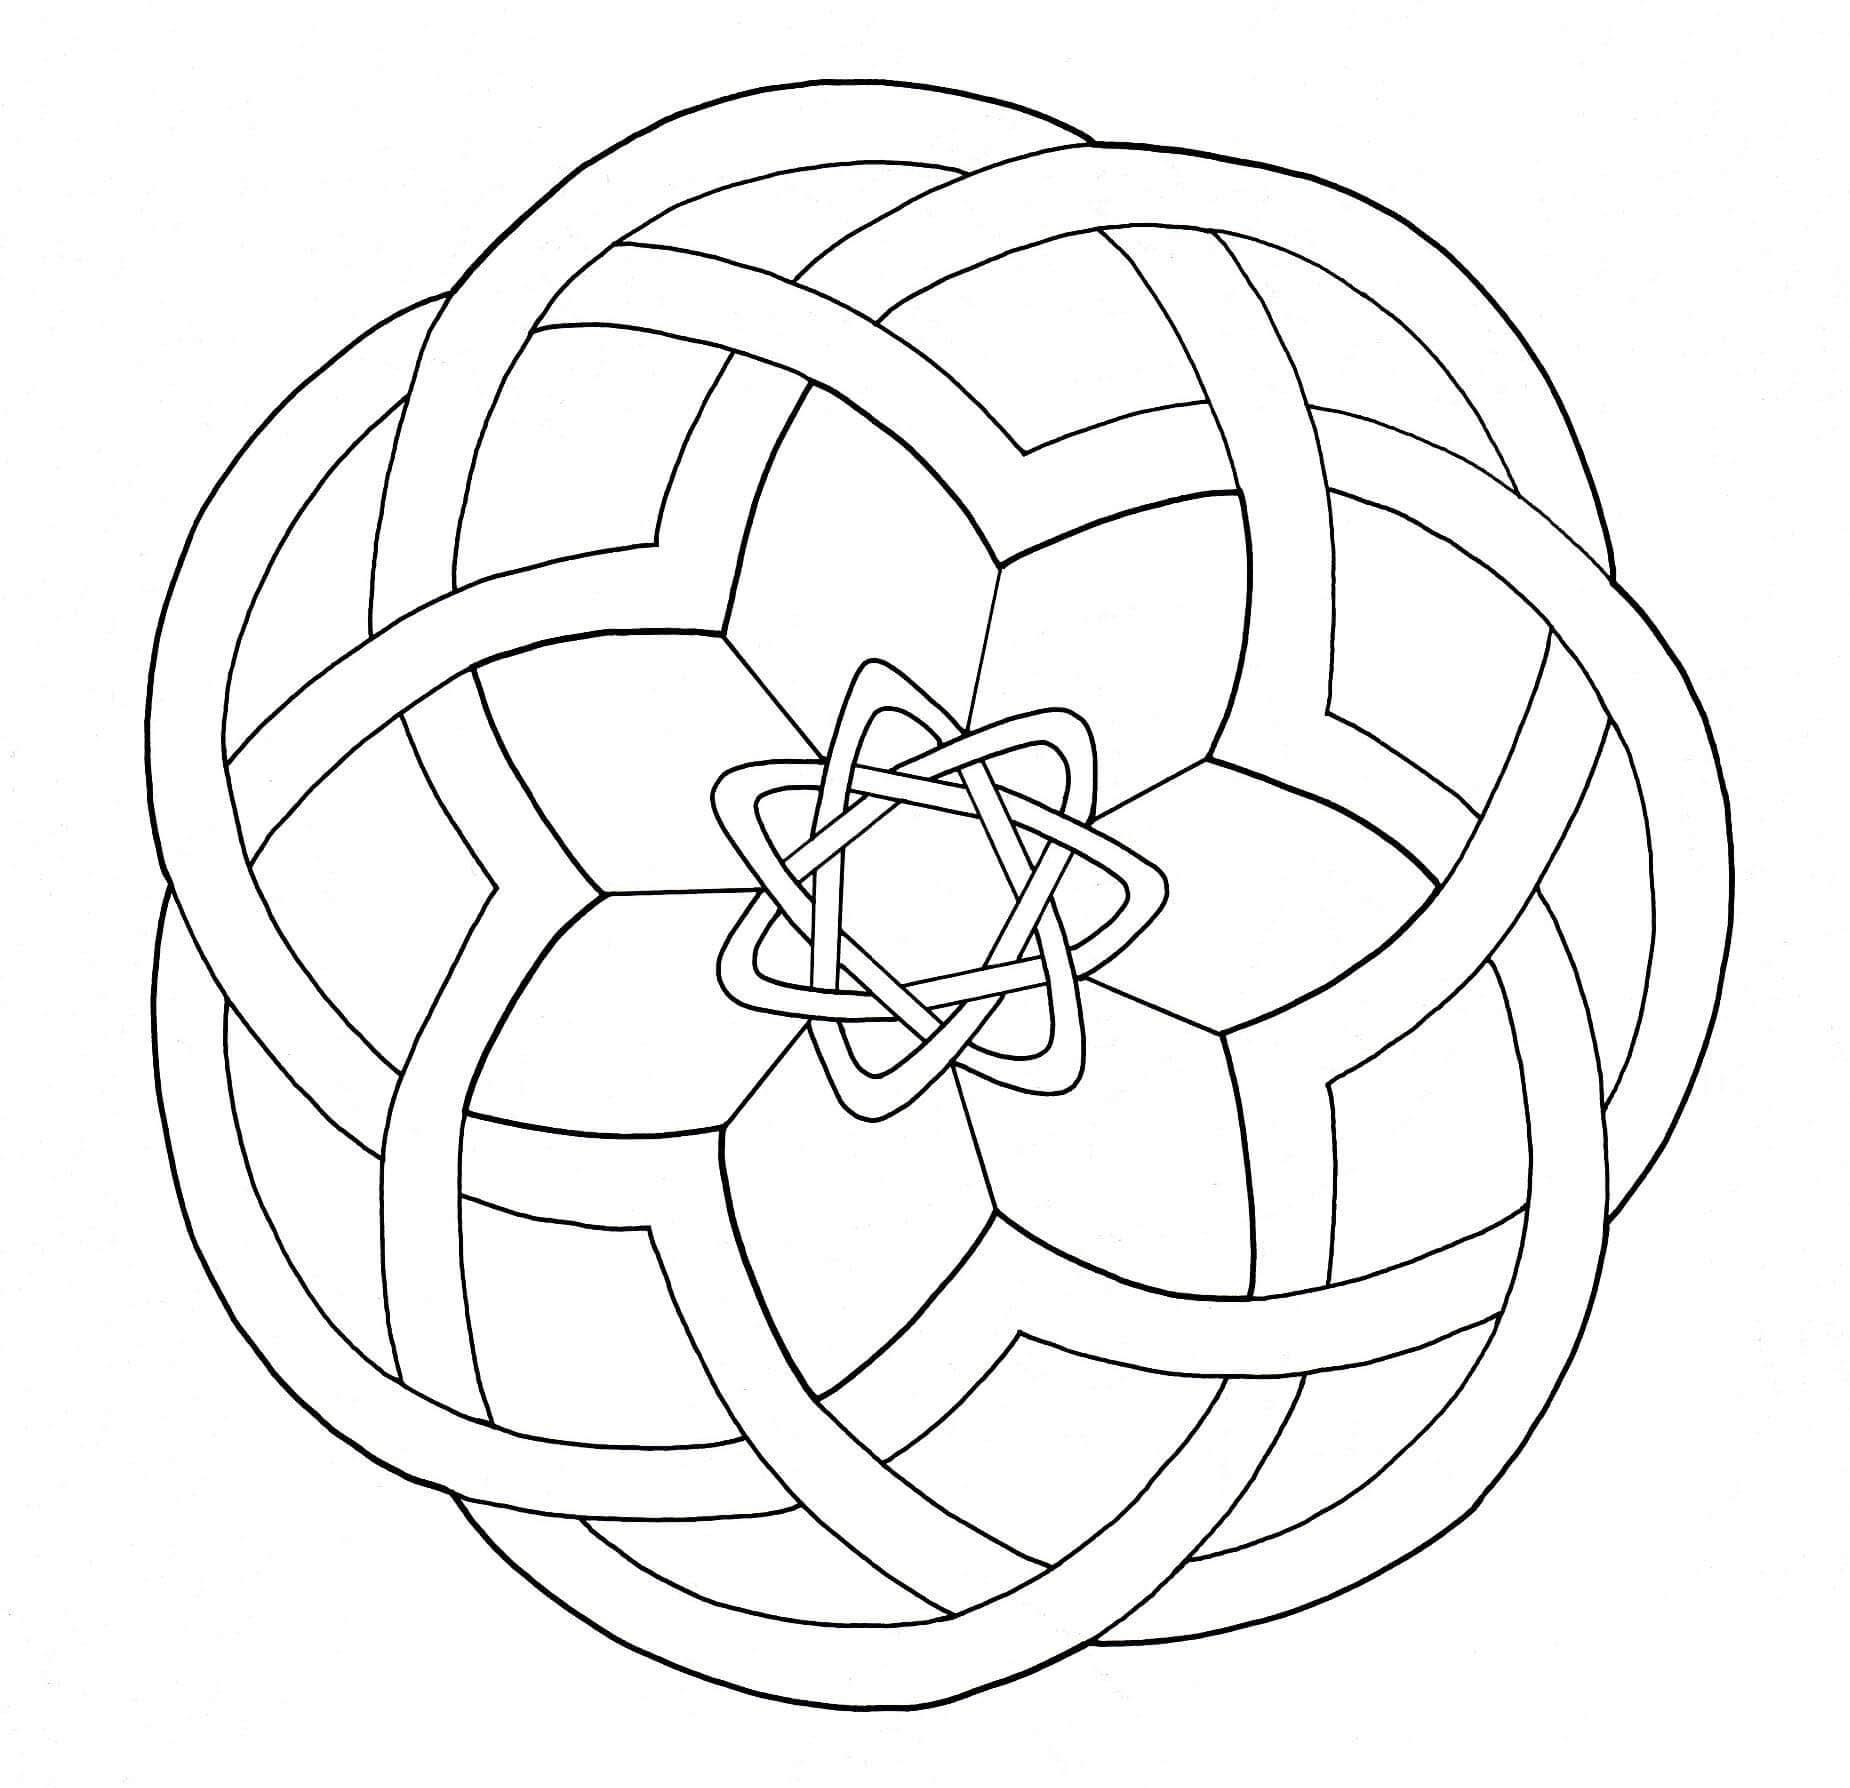 Disegni da Colorare per Adulti : Arte Celtica - 52